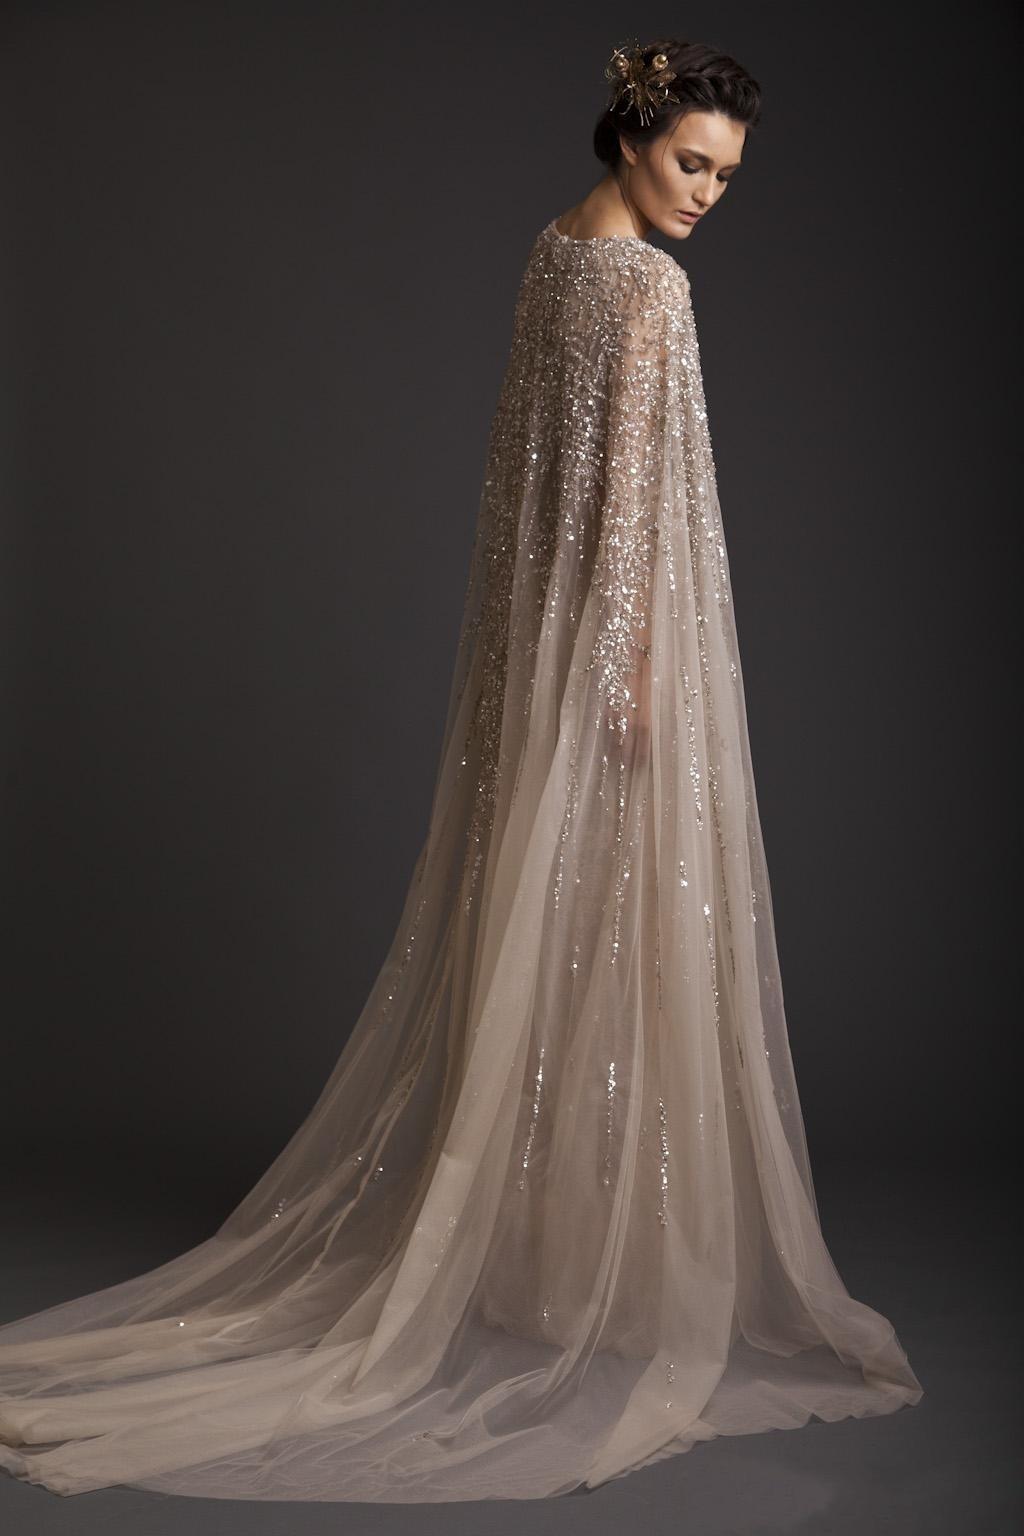 فستان زفاف شفاف ، خط a ، طاقم ، لون شامبانيا ، زينة باللؤلؤ